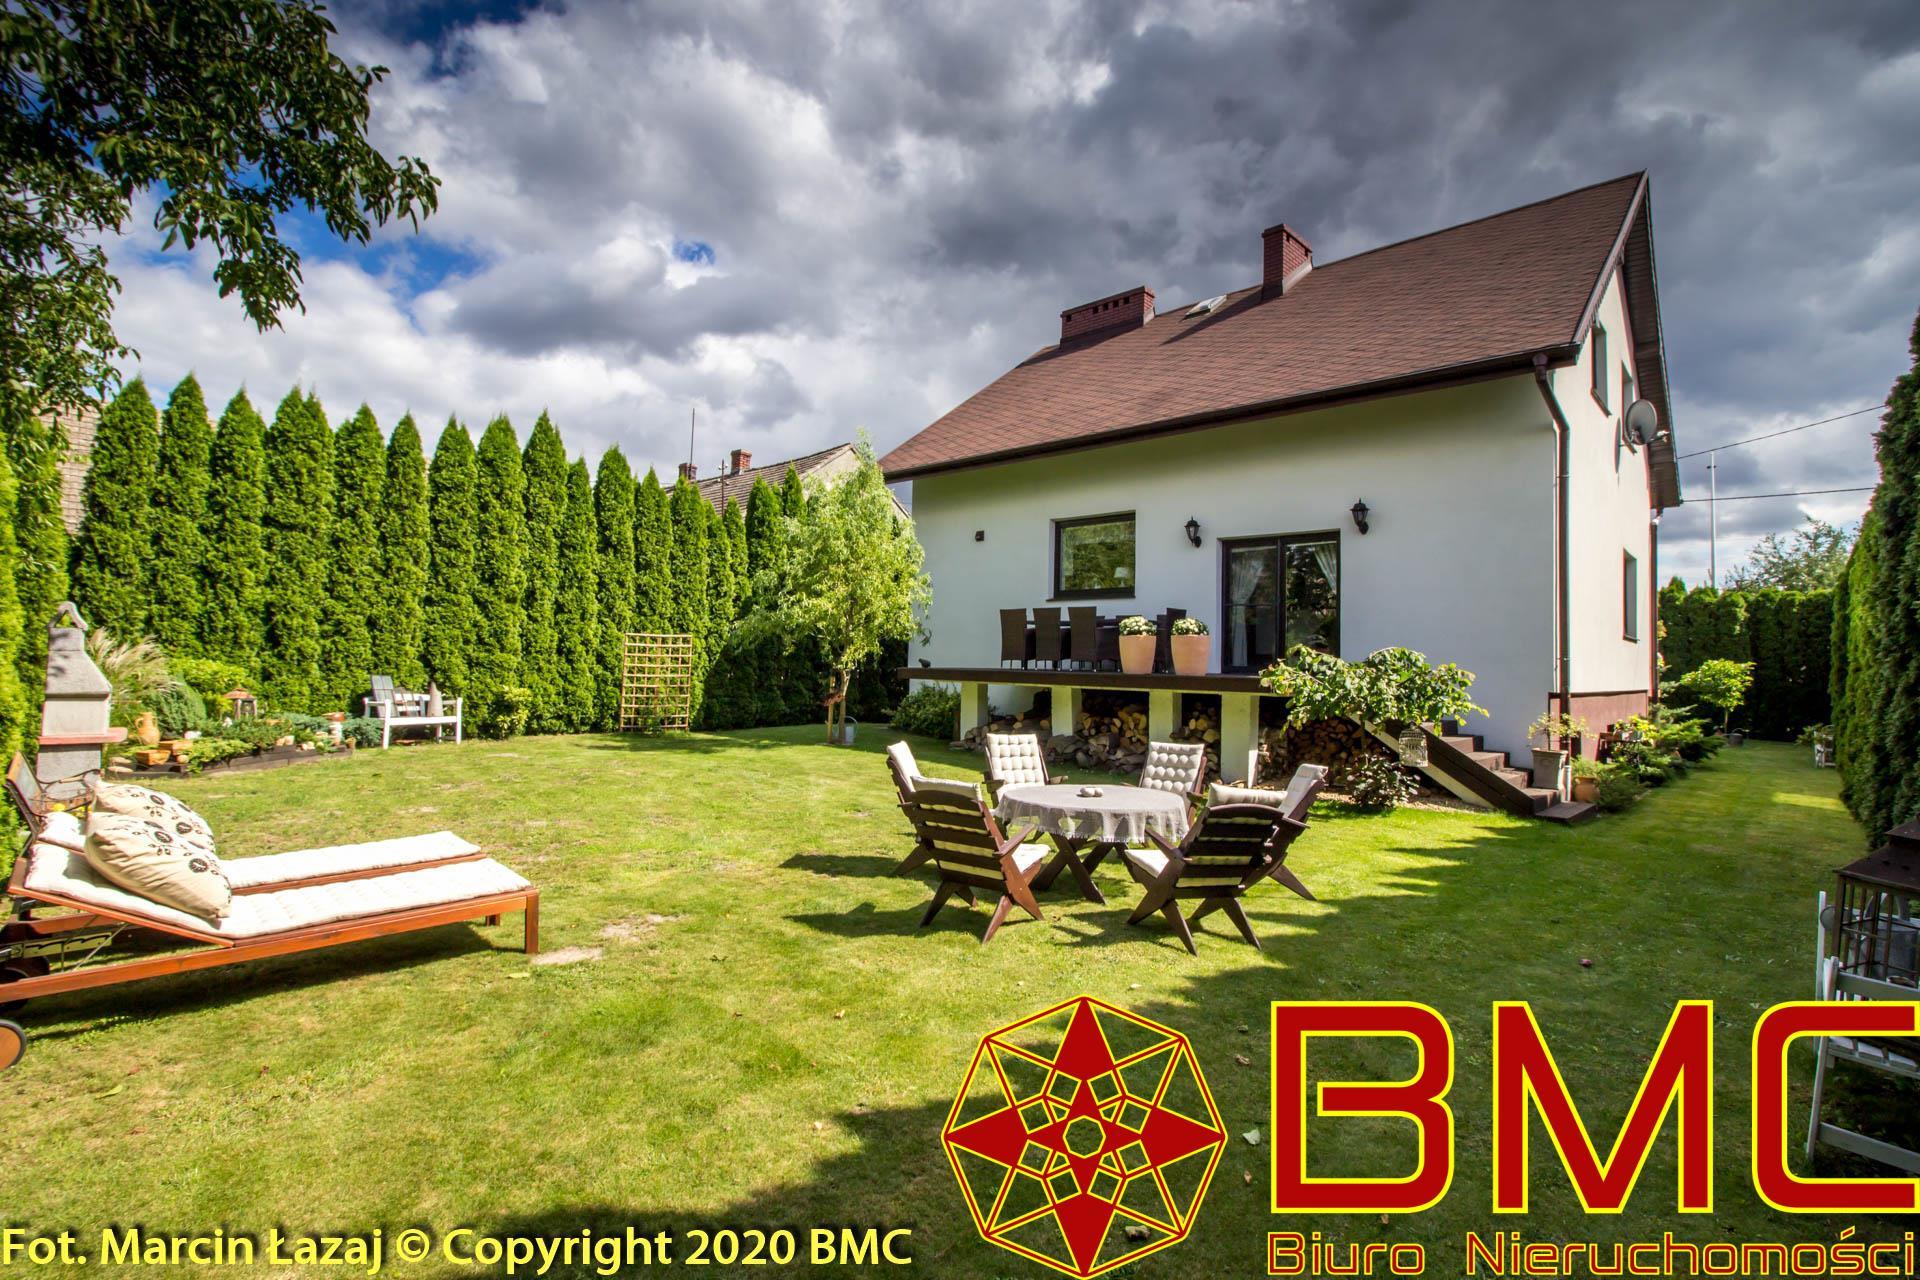 Nieruchomość Dom sprzedaż Lubliniec Stylowy dom w centrum Lublińca1